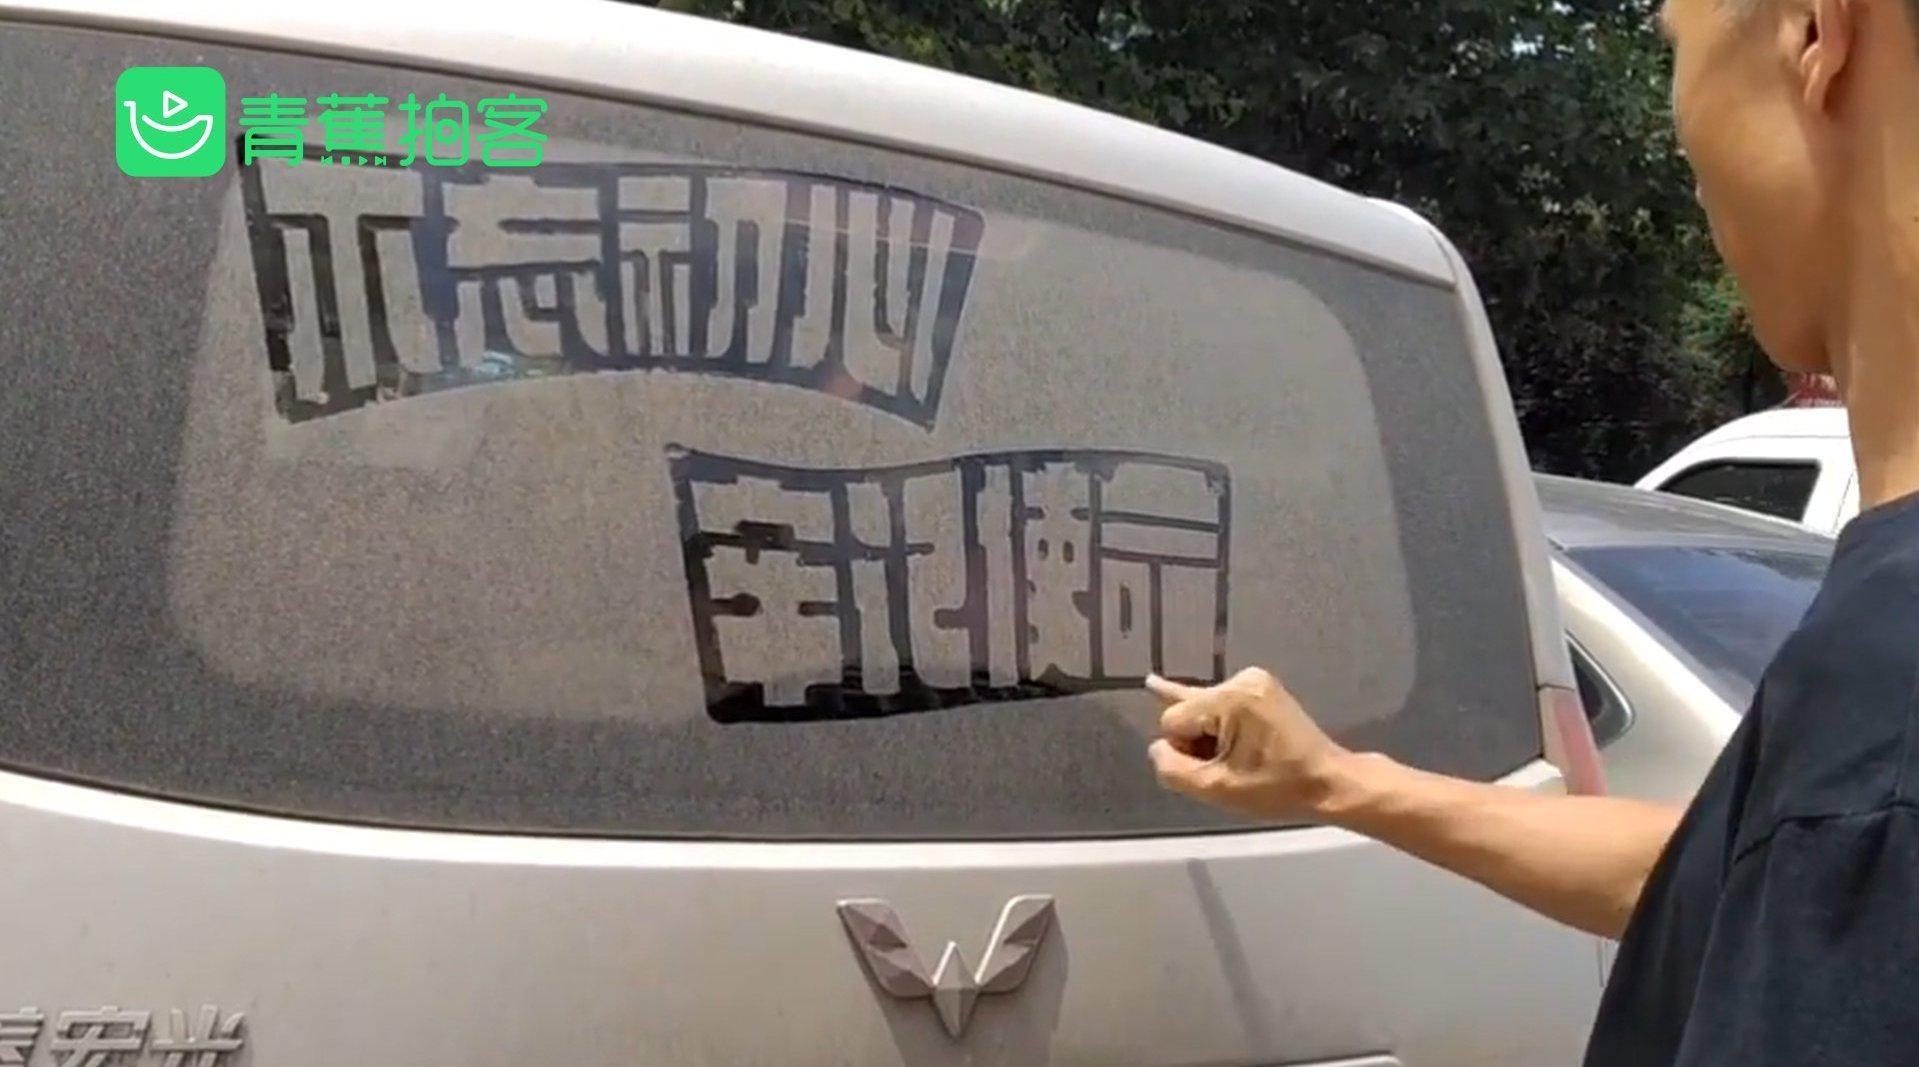 河南小哥玻璃上涂鸦酷似印刷体走红 网友:每一笔都意想不到